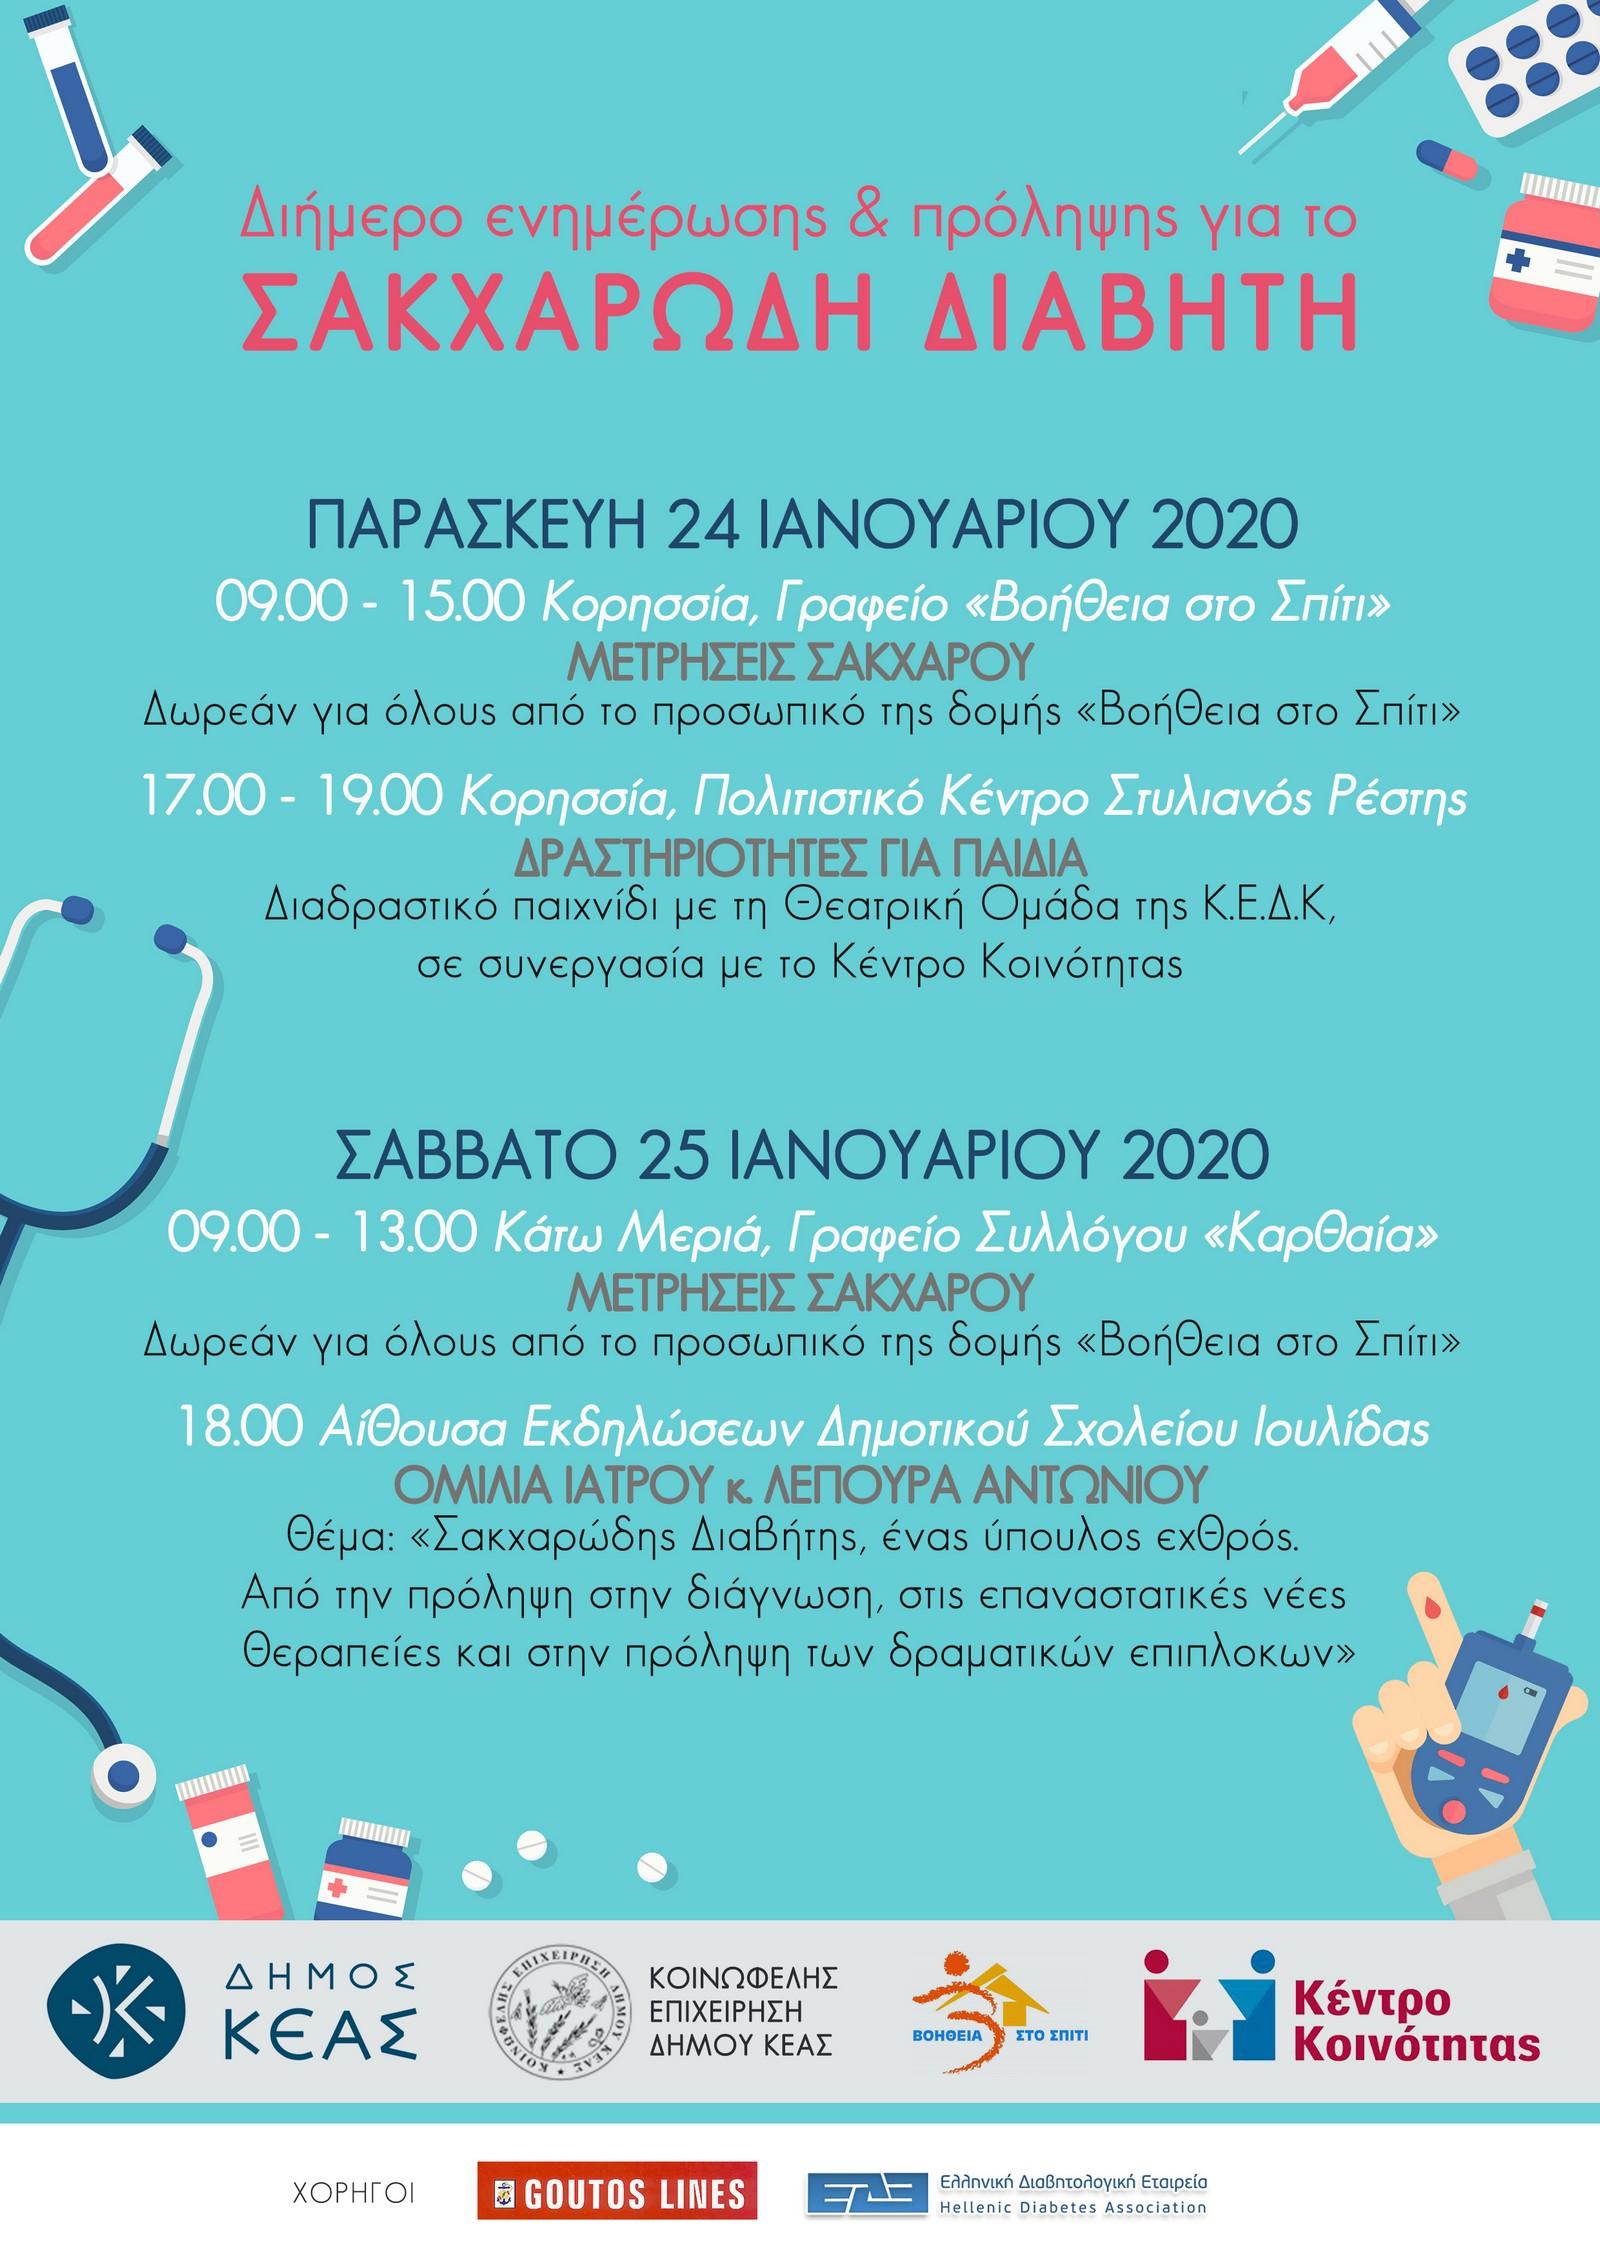 Διήμερο ενημέρωσης & πρόληψης για το Σακχαρώδη Διαβήτη